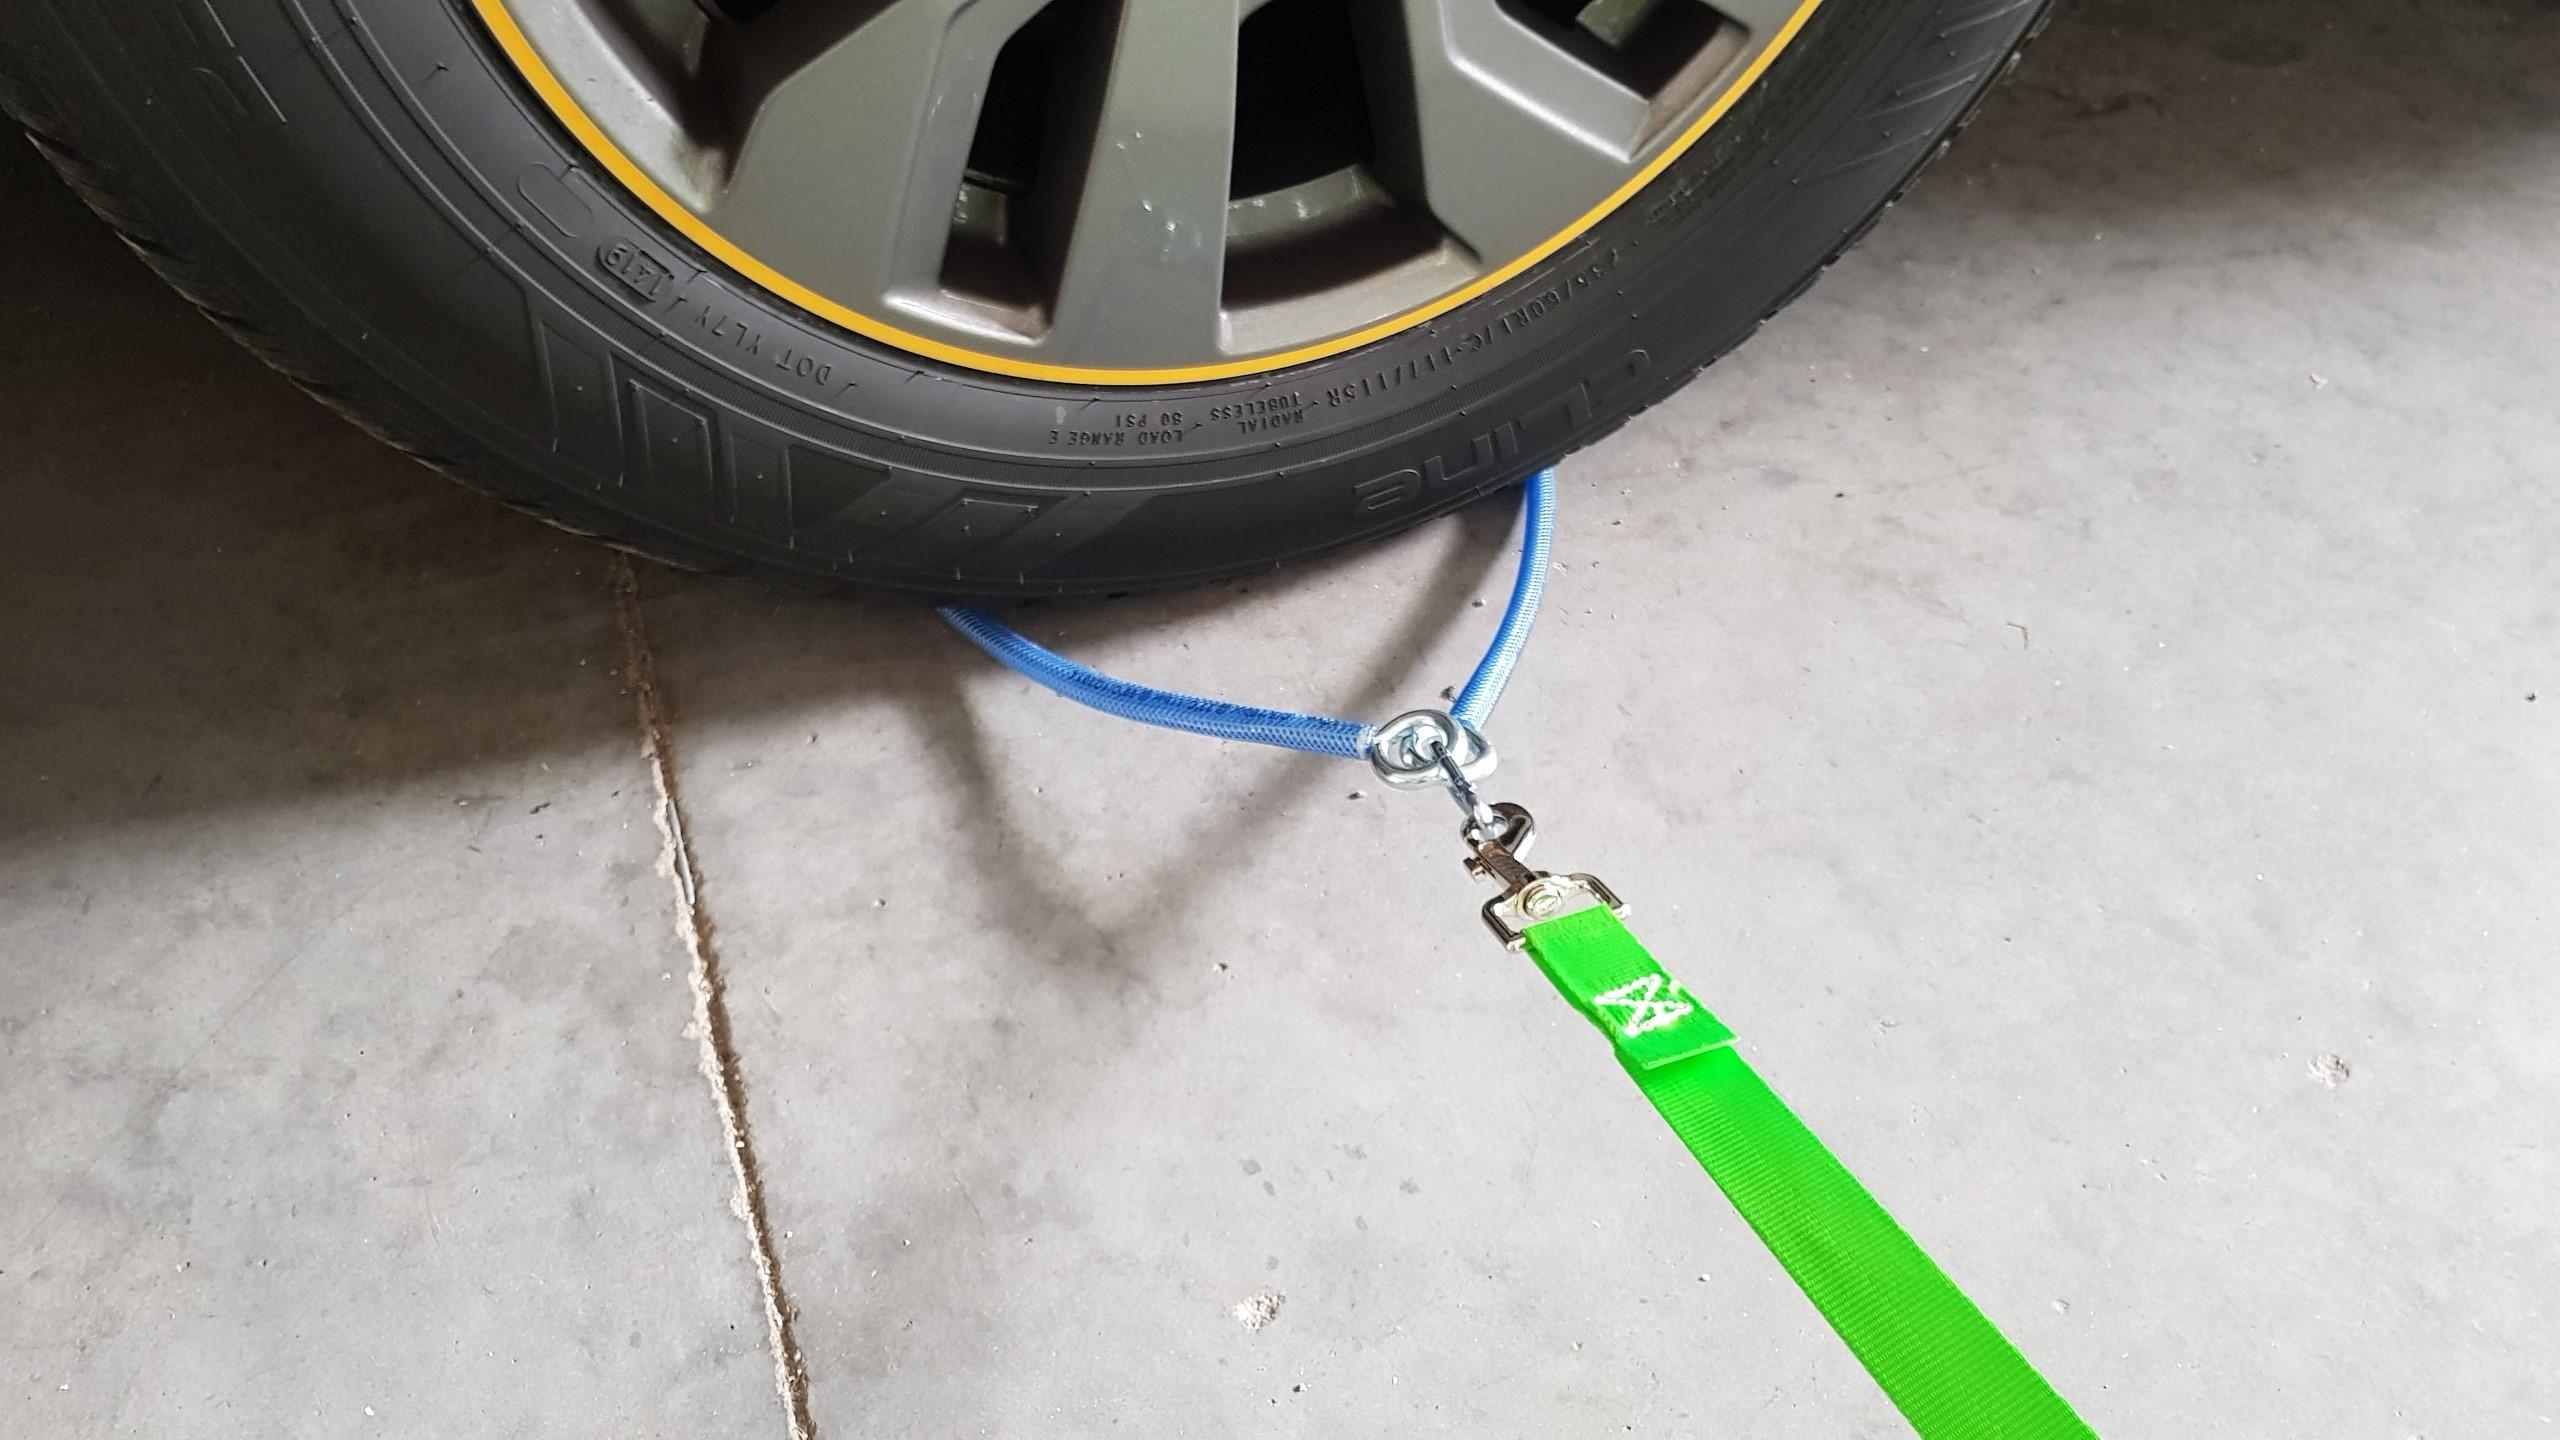 DOGsafer, Anlein möglichkeit am Fahrzeug